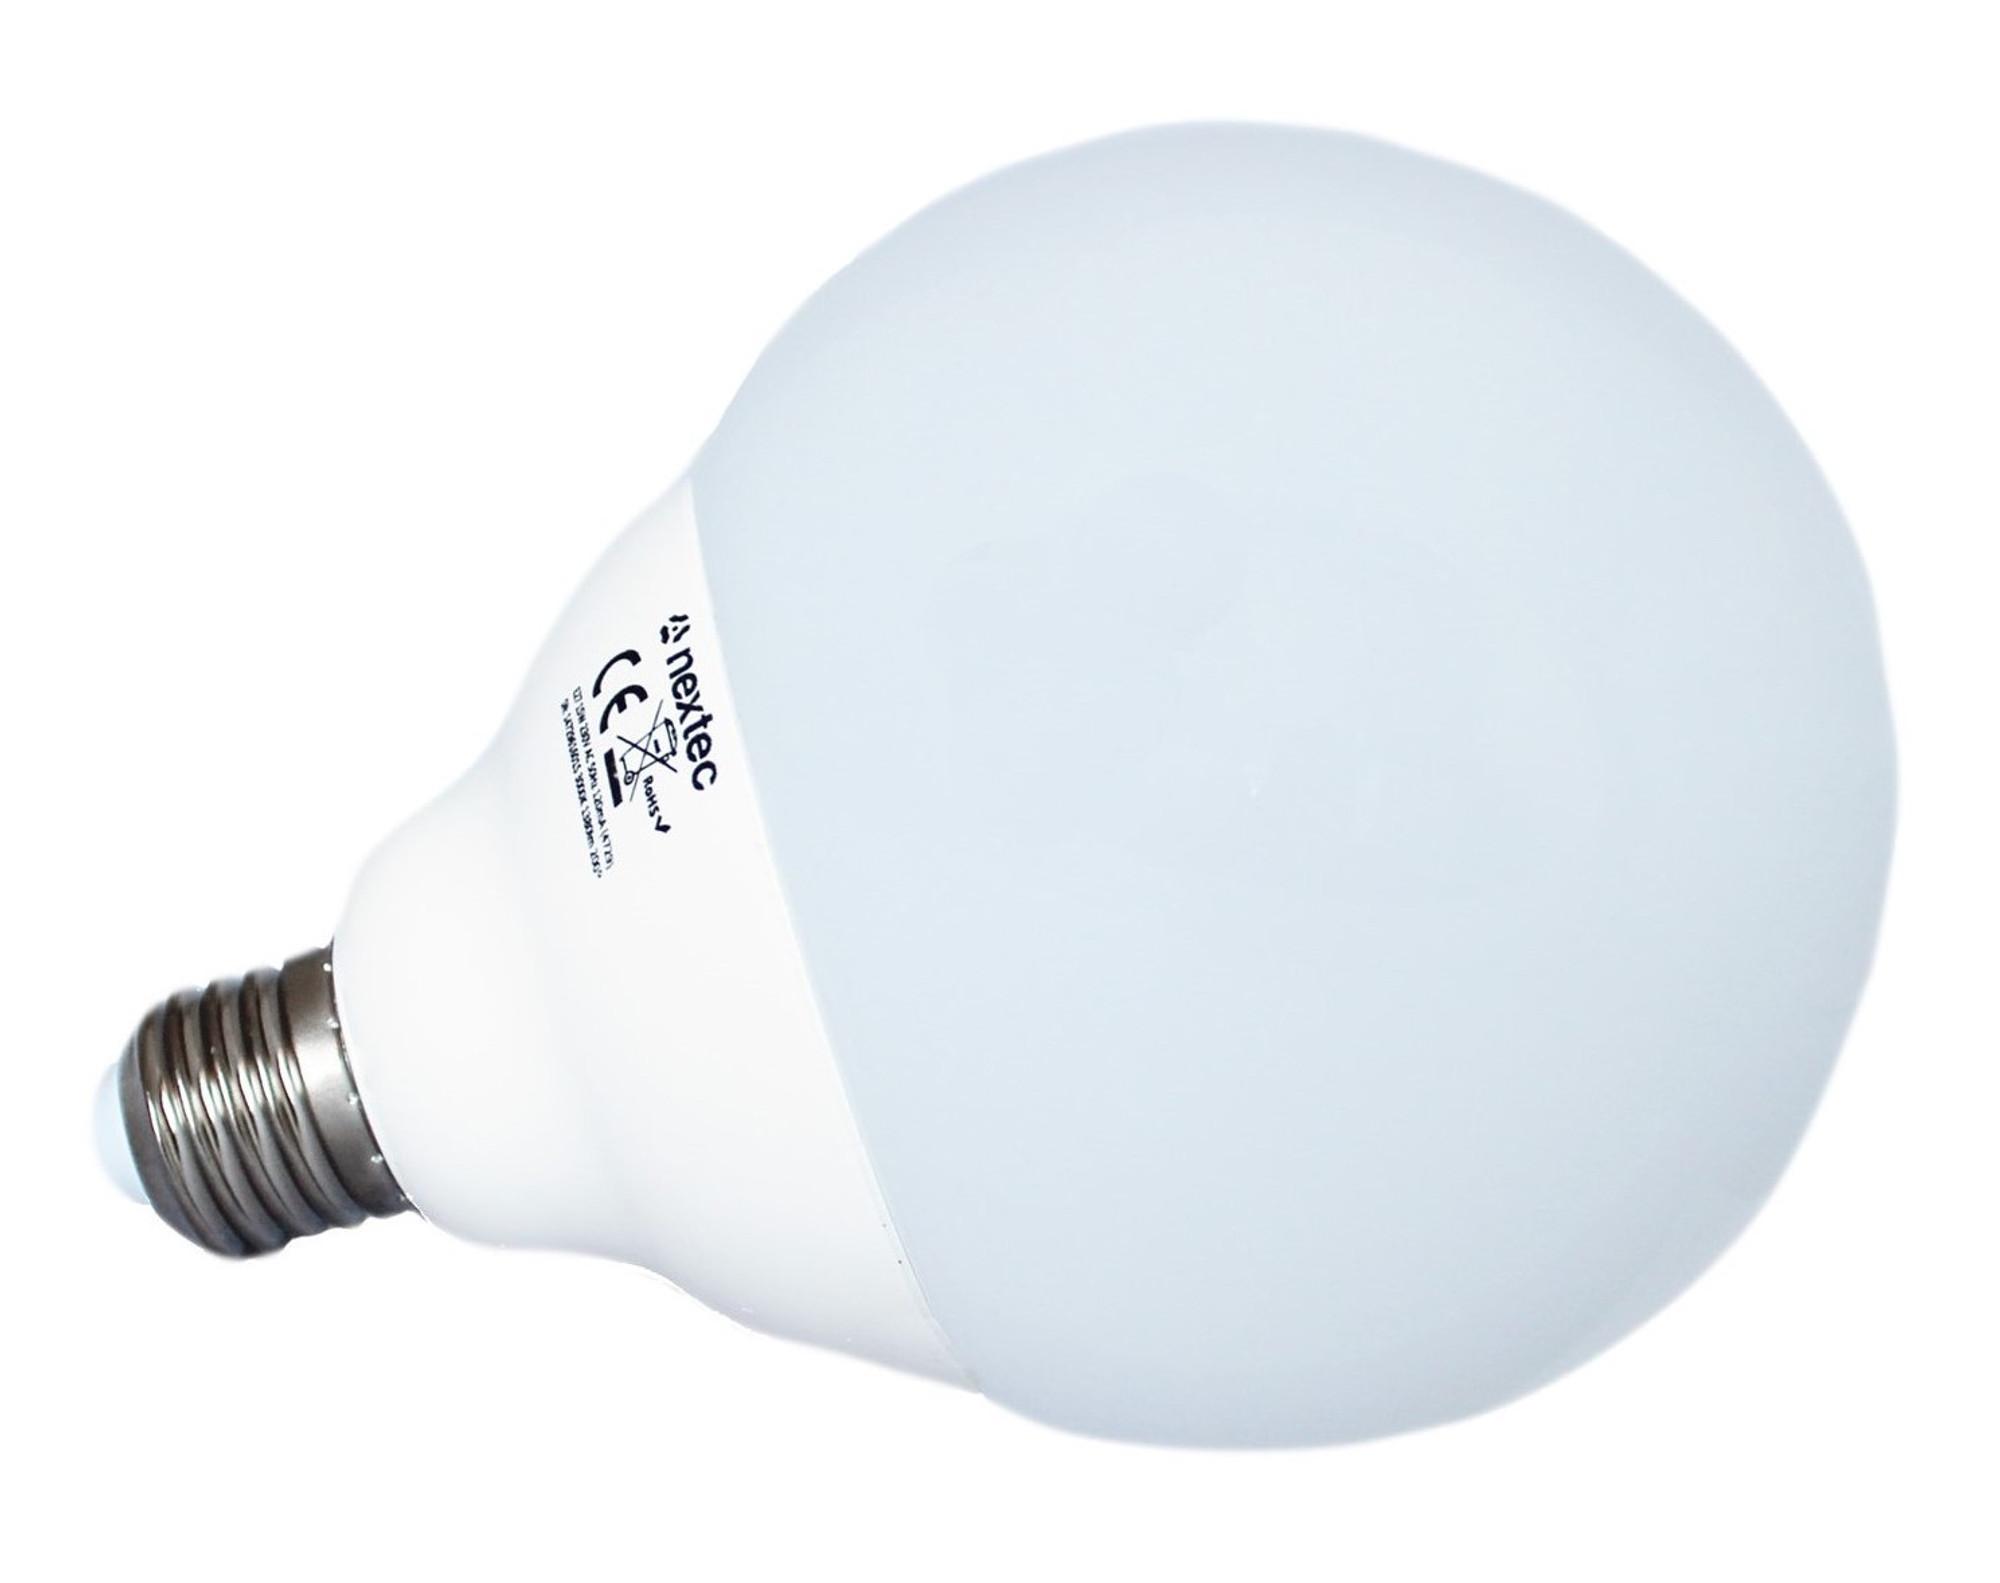 LED E27 Birne Lampe Globe 15 Watt 200° 1380 Lumen 3000K warm weiß ...